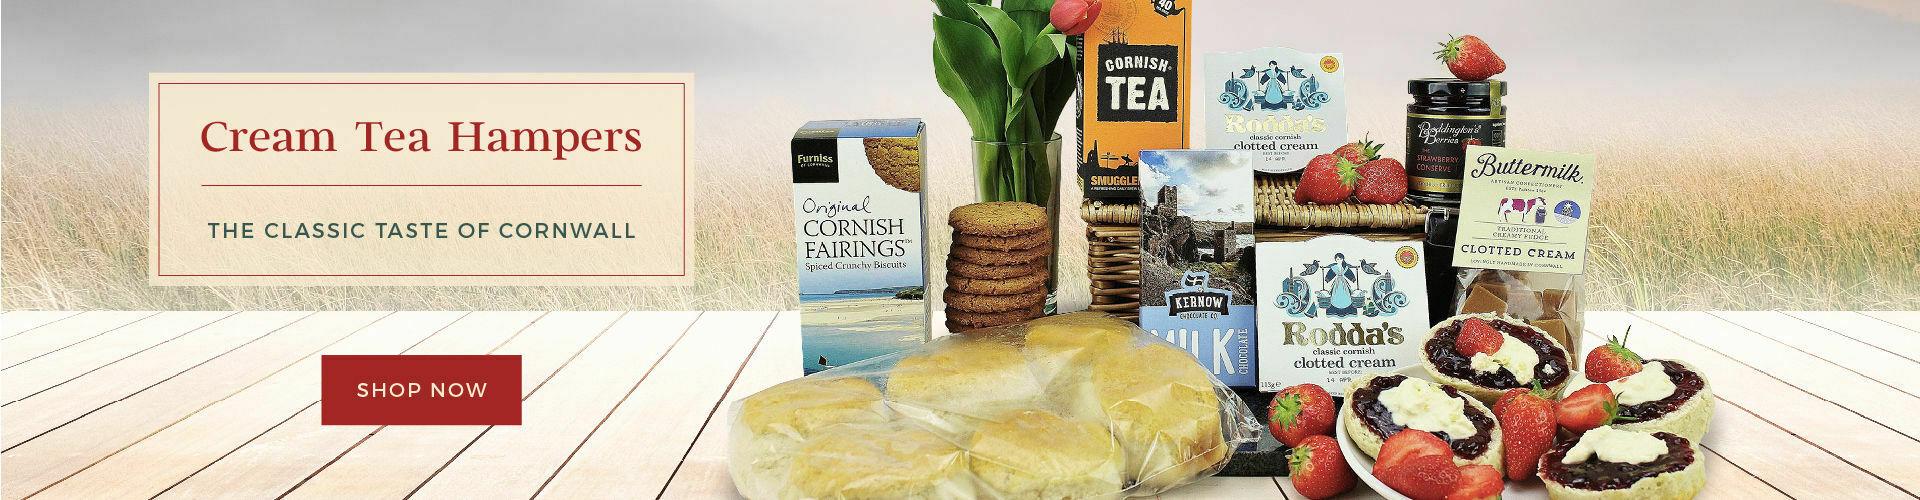 Cornish Cream Tea Hampers